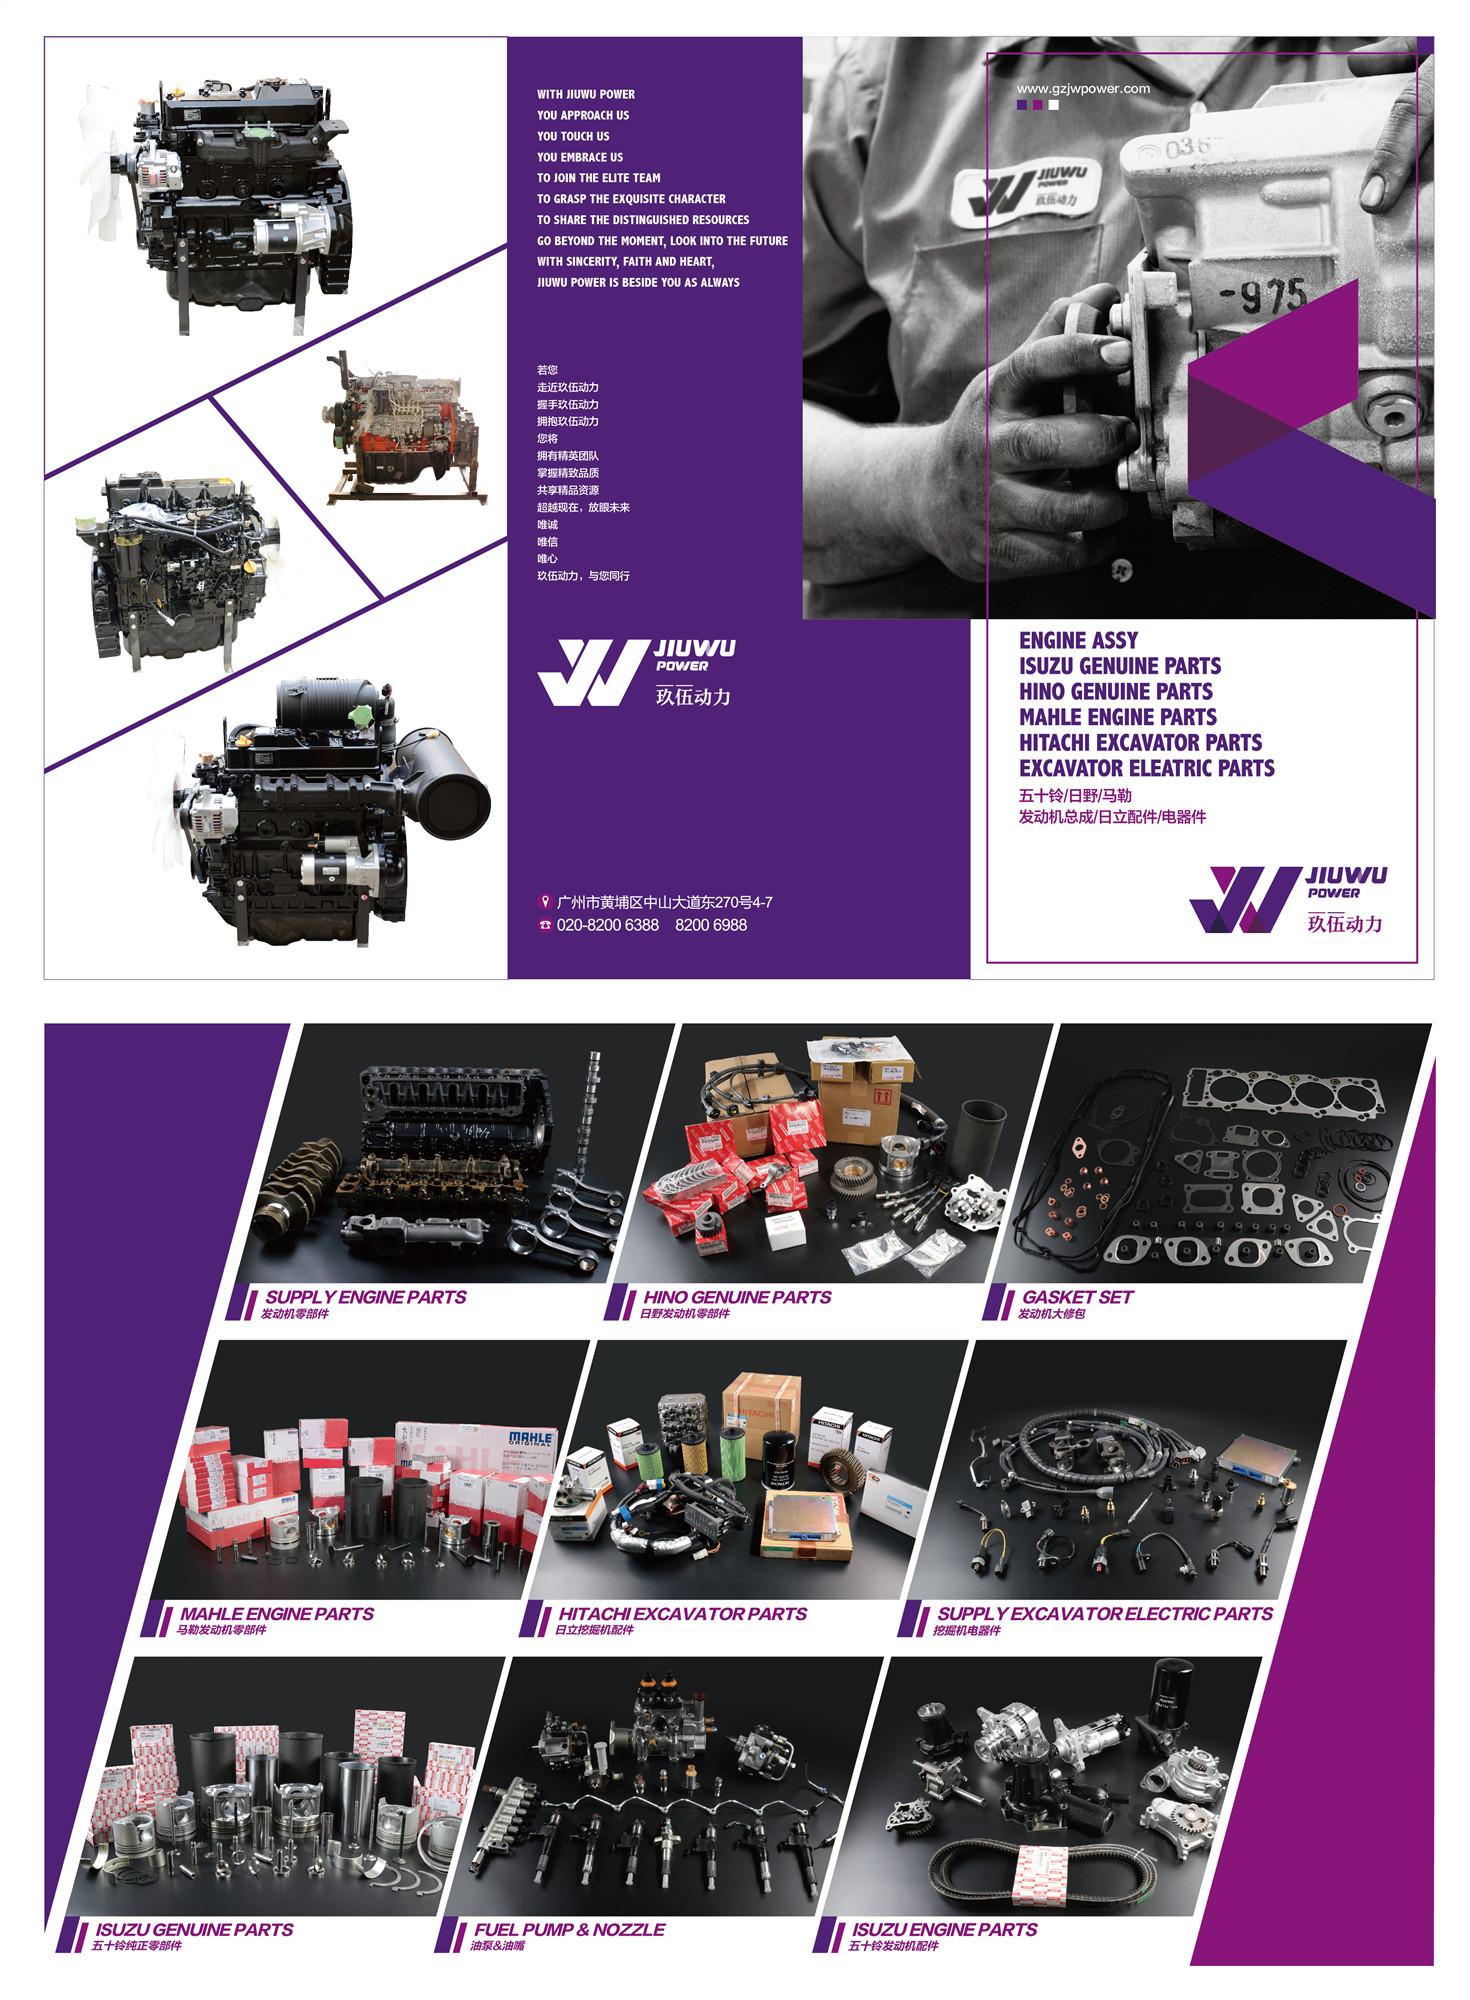 v3307 head gasket kit